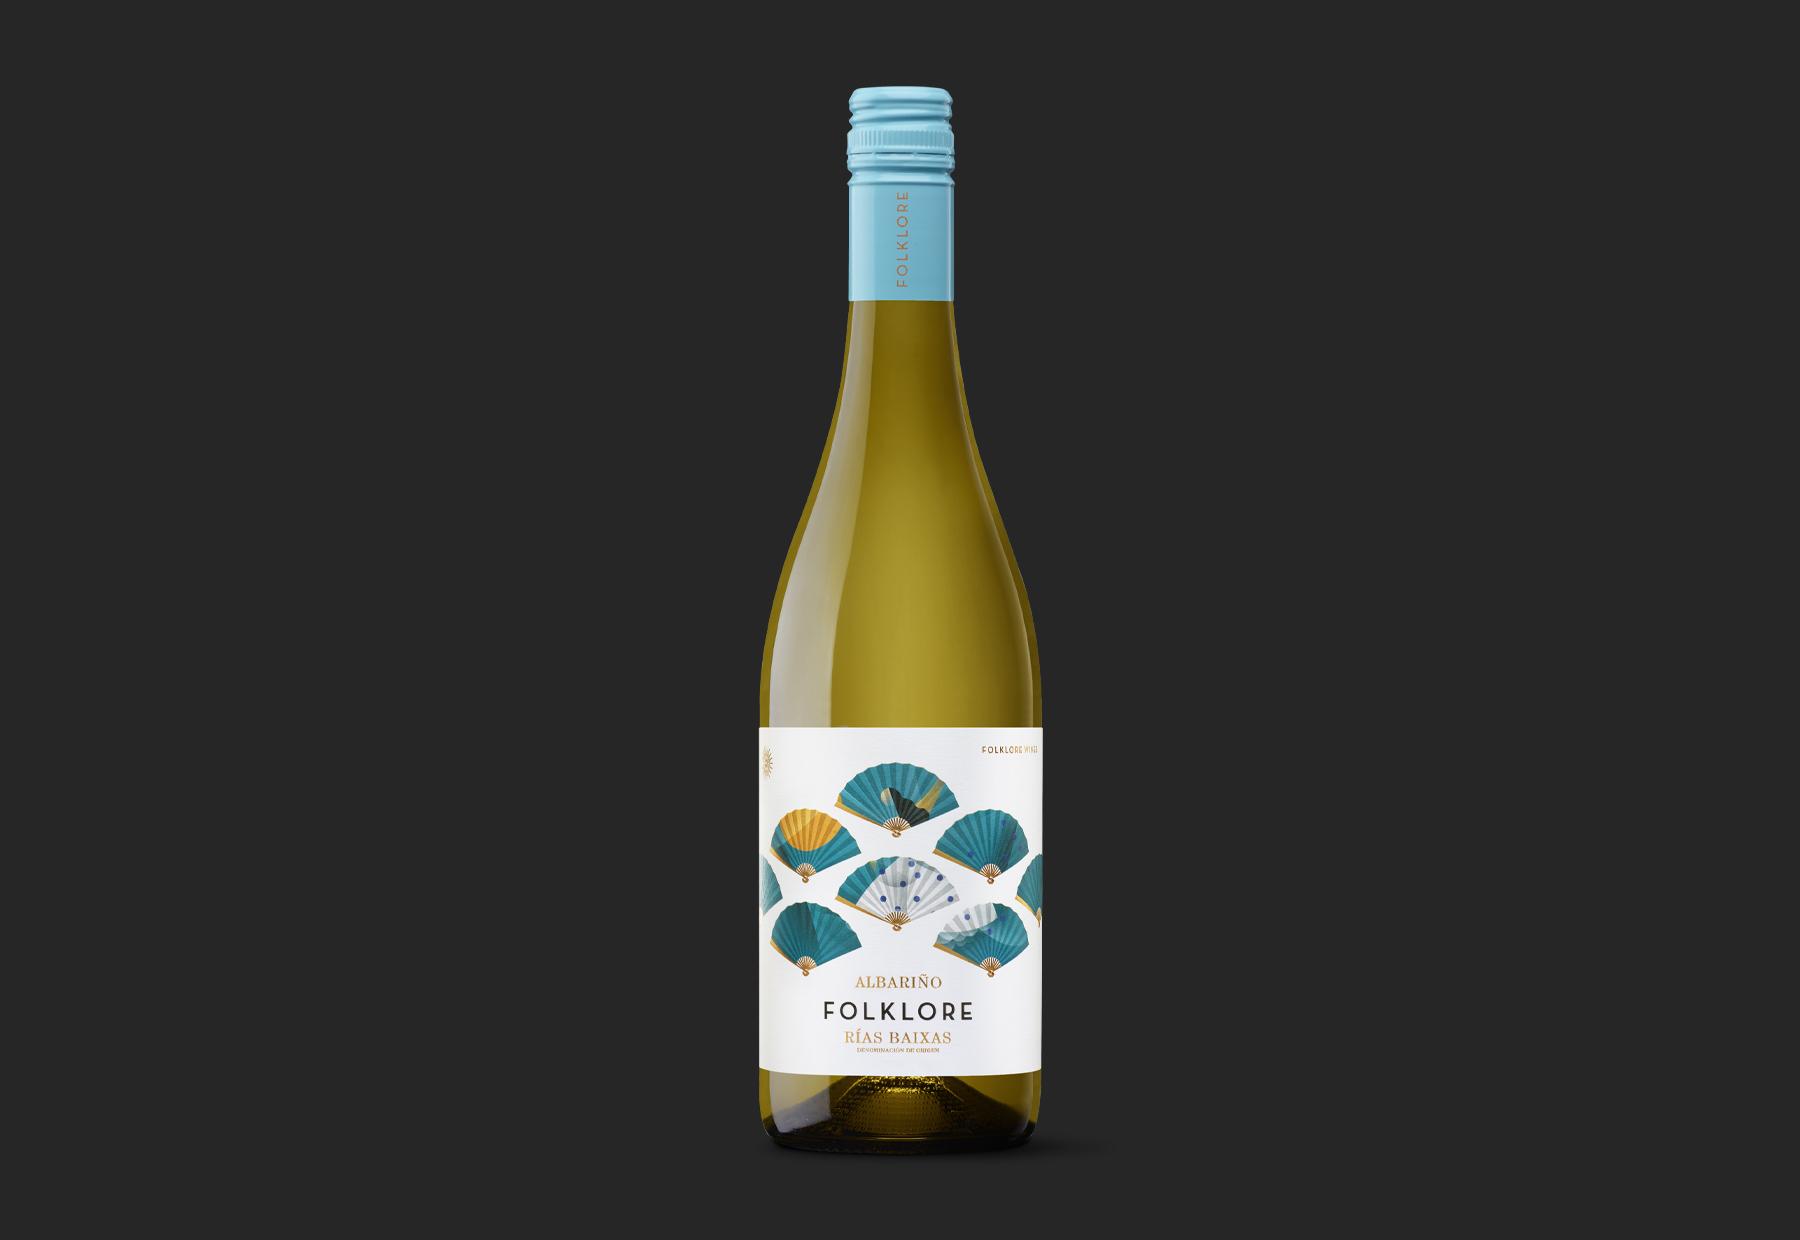 Folklore Albariño Atlantic Passion in a Bottle Designed by Moruba